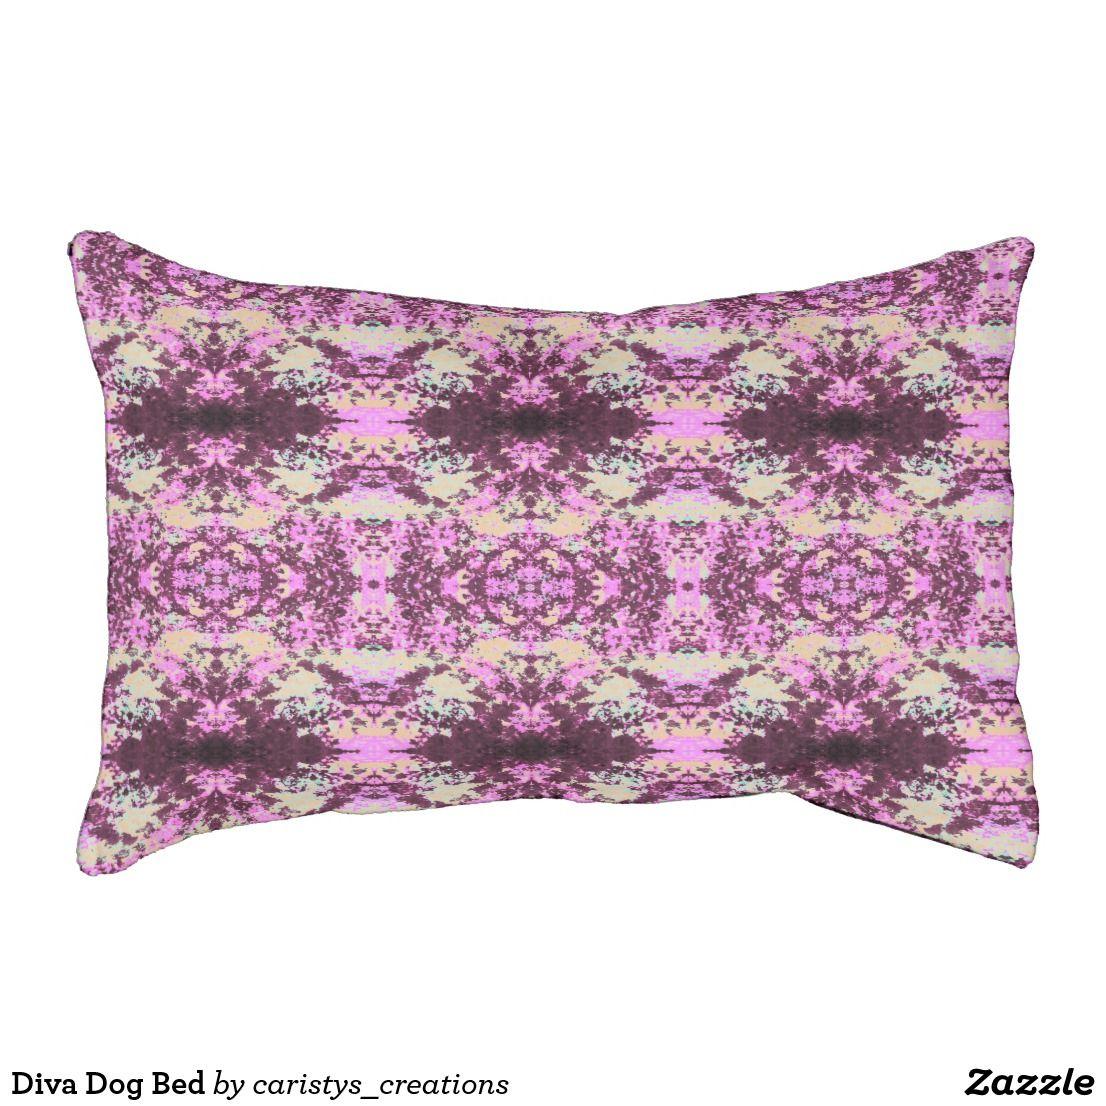 Diva Dog Bed